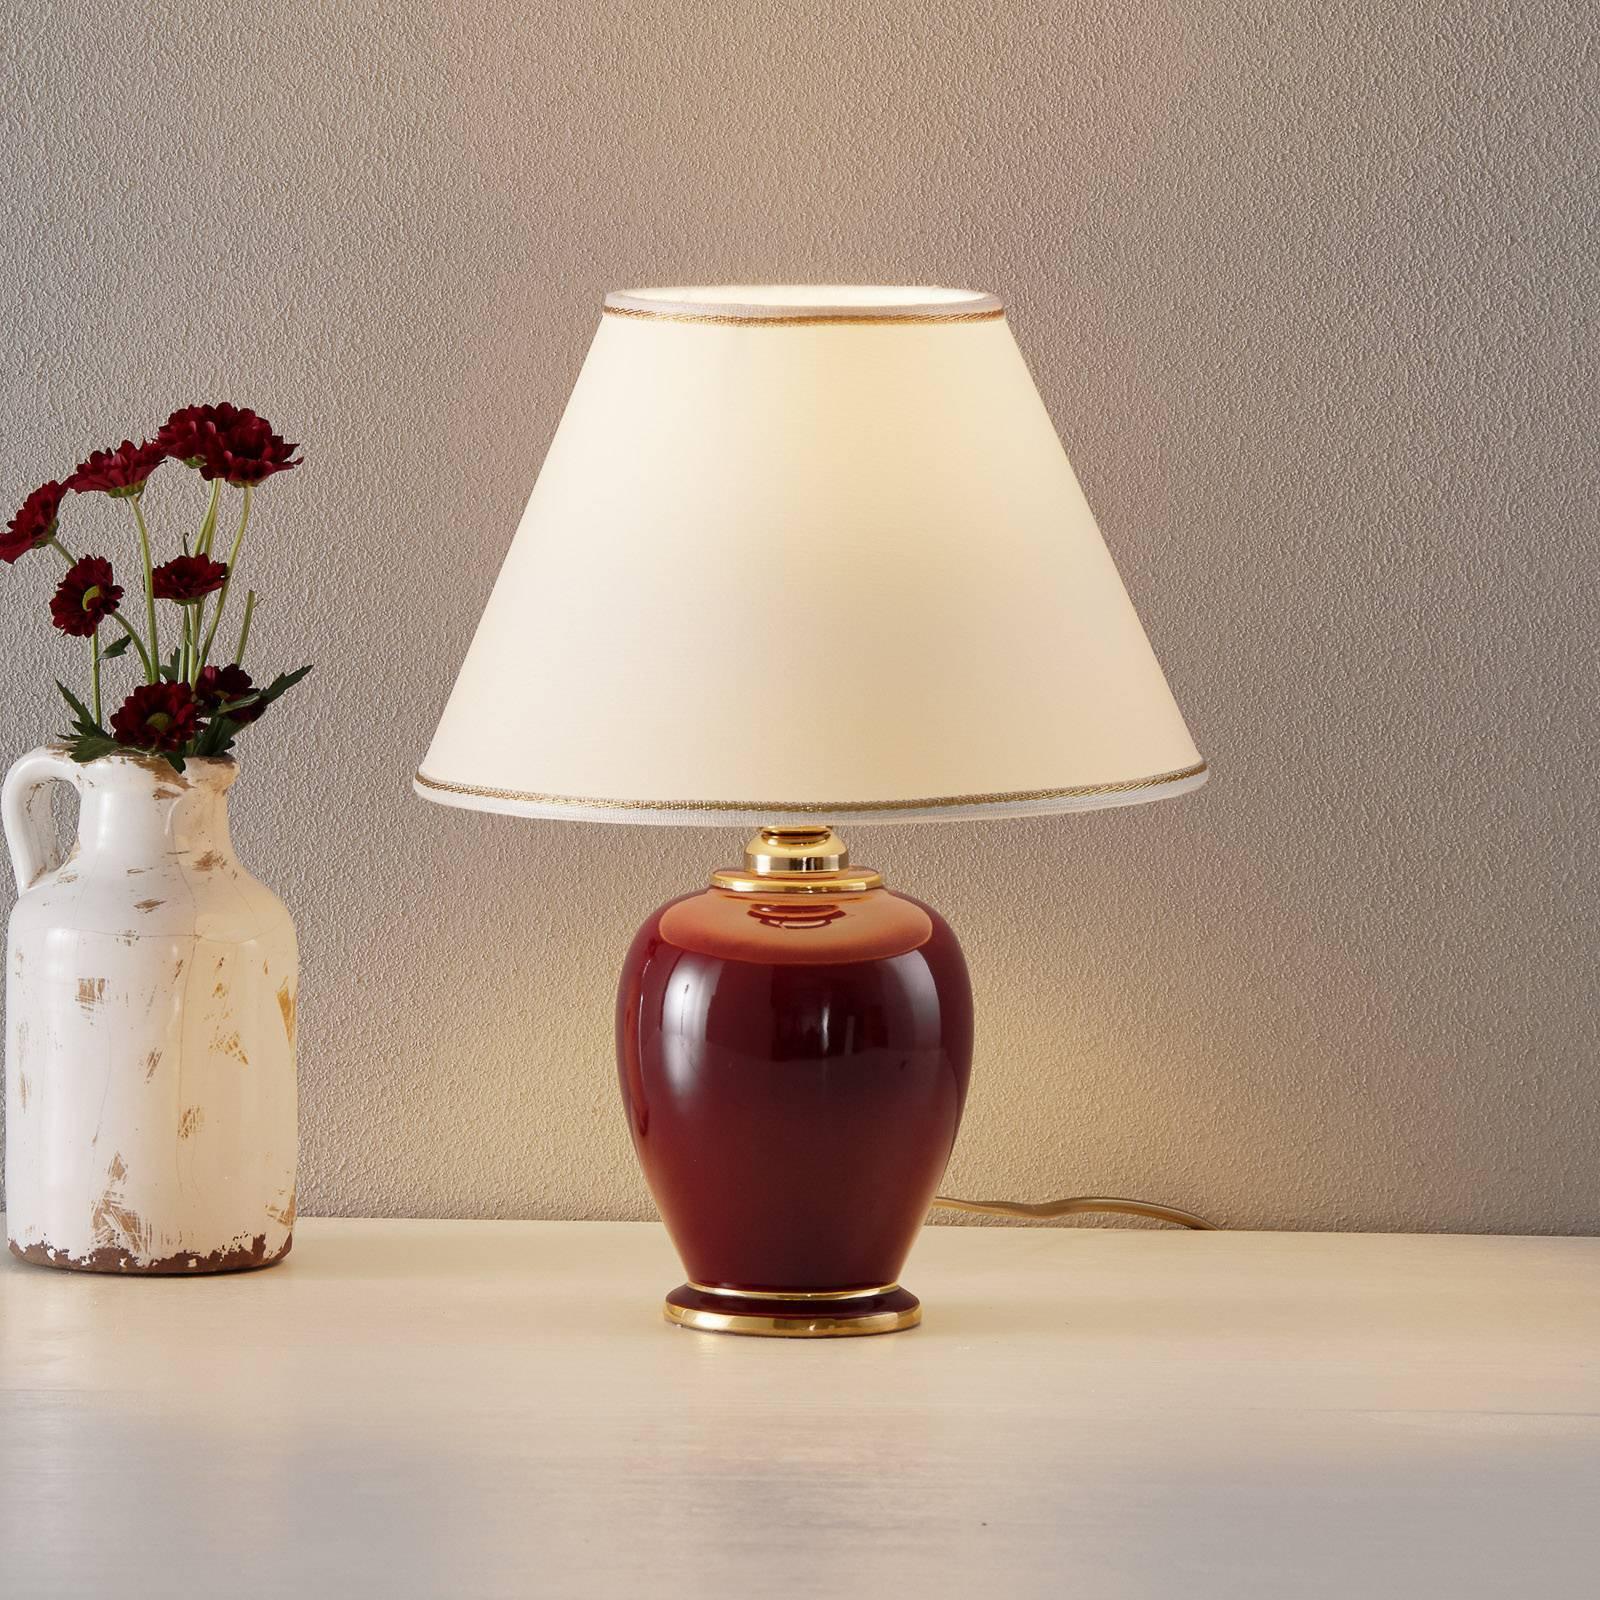 Søt bordlampe Bordeax H: 34 cm/ D: 25 cm